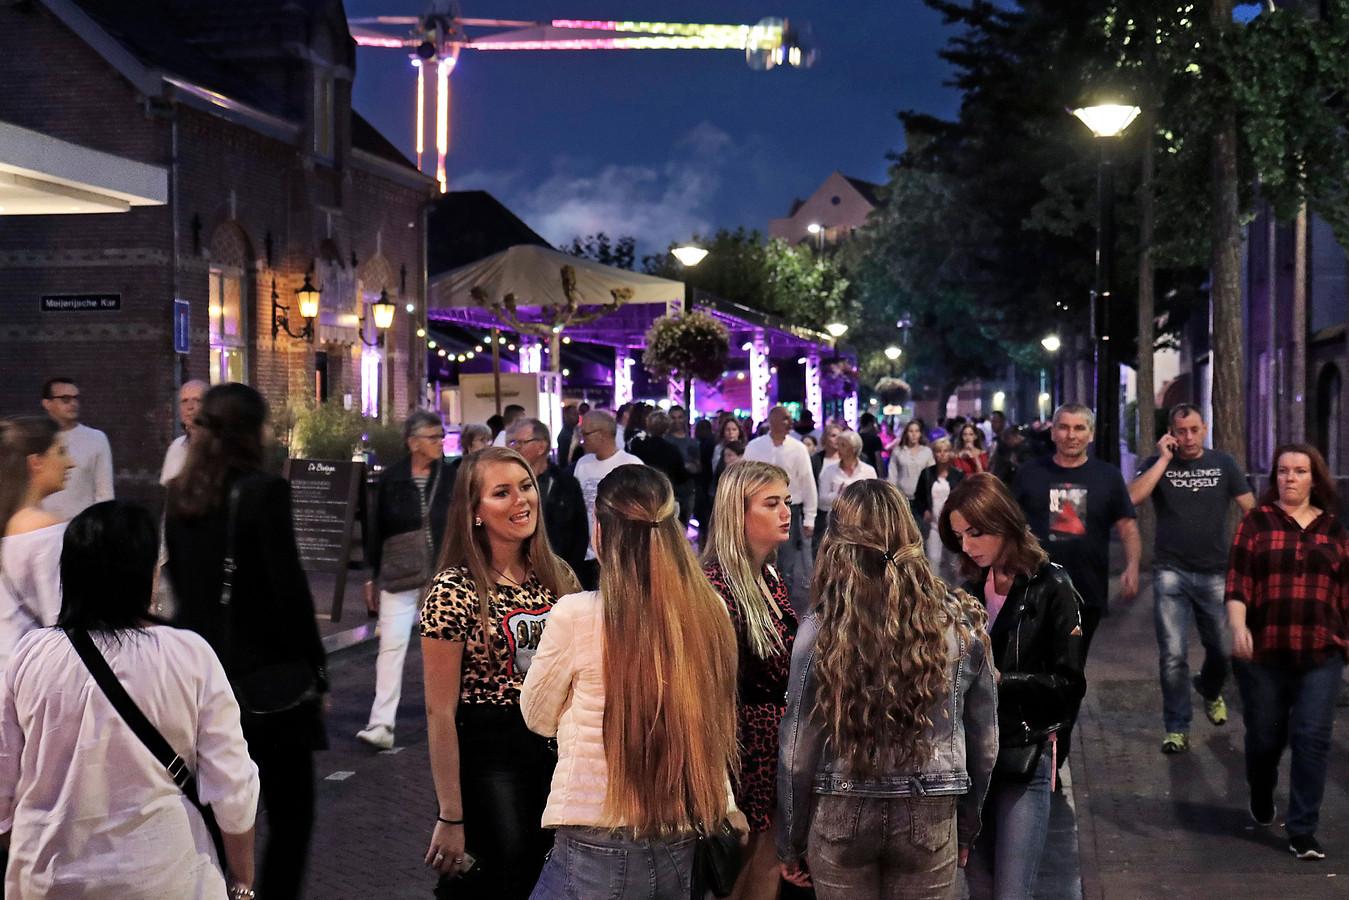 Publiek op straat tijdens de Osse kermis.